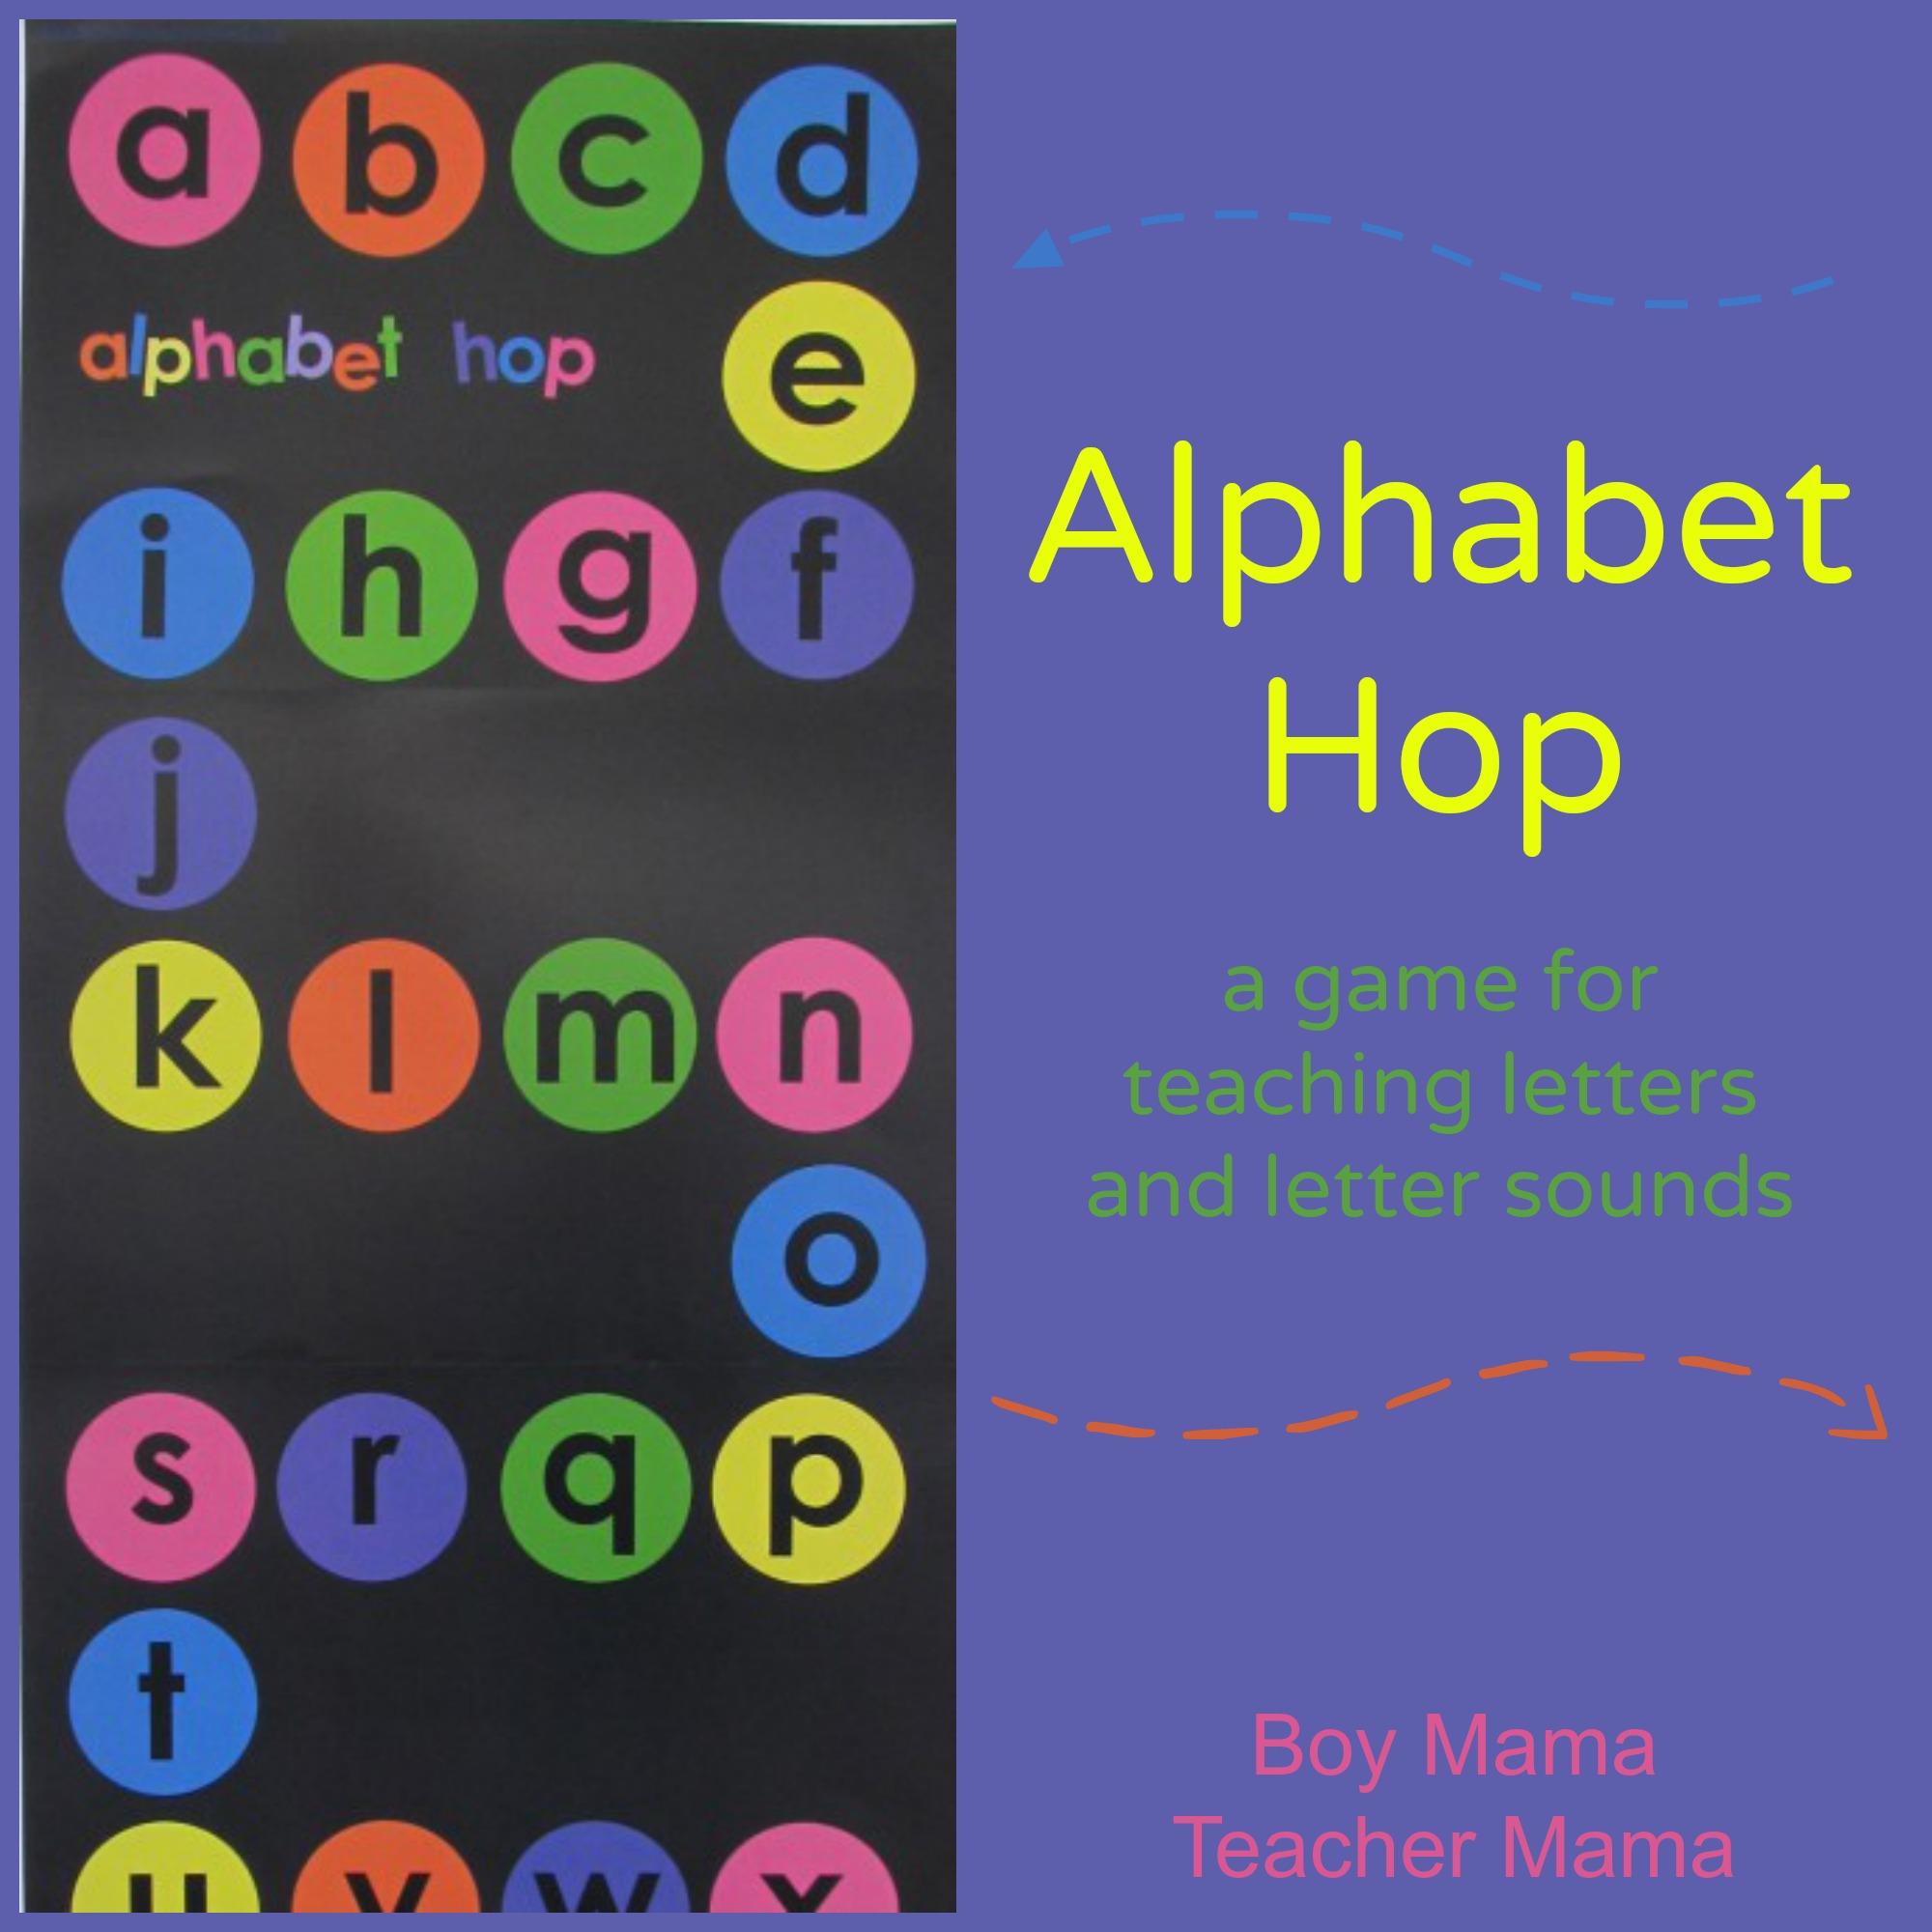 Boy Mama Teacher Mama  Alphabet Hop